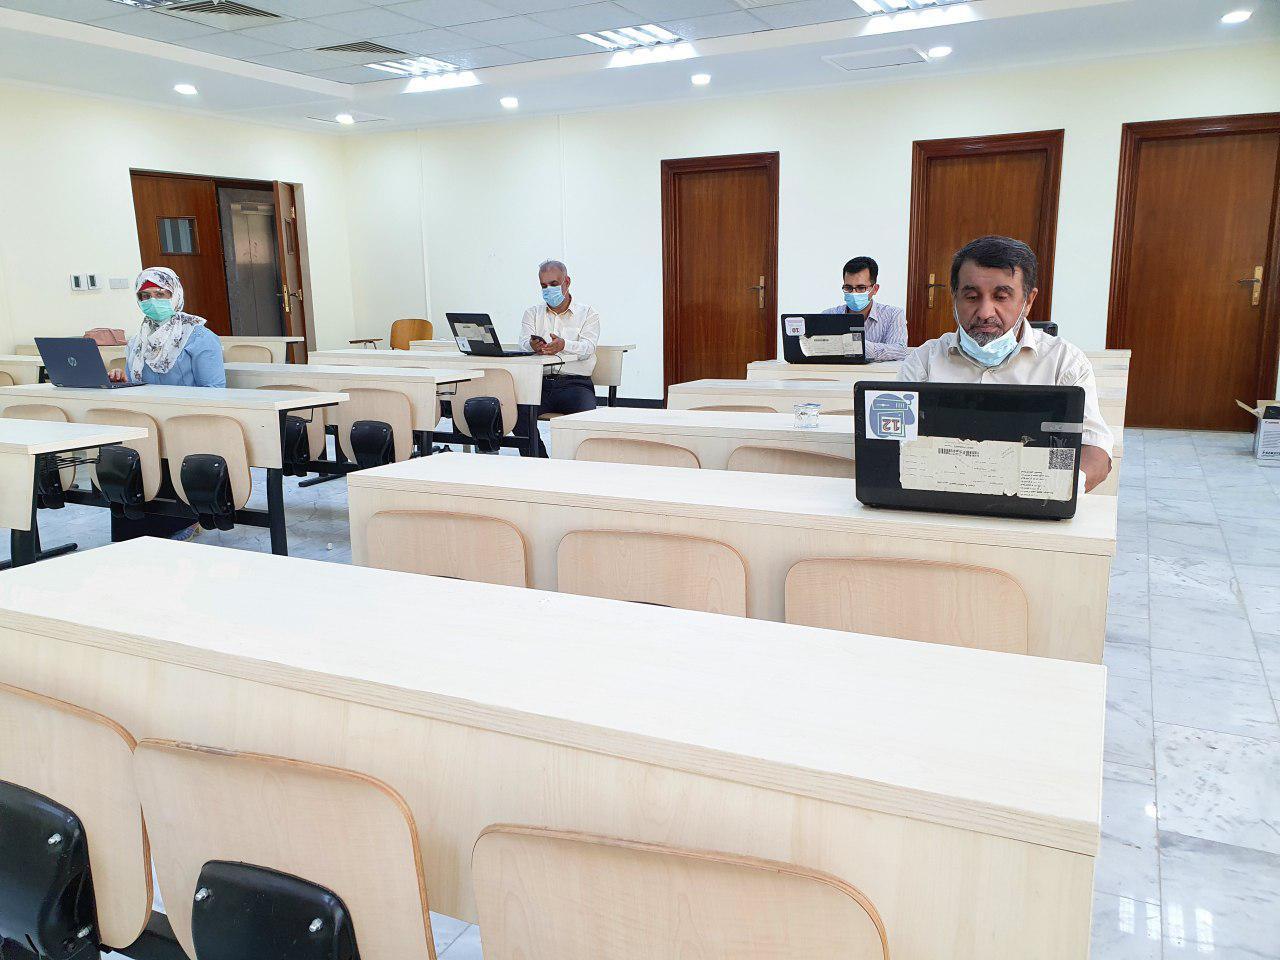 كلية التمريض تكمل الاختبارات التجريبية الافتراضية استعداداً للامتحانات النهائية